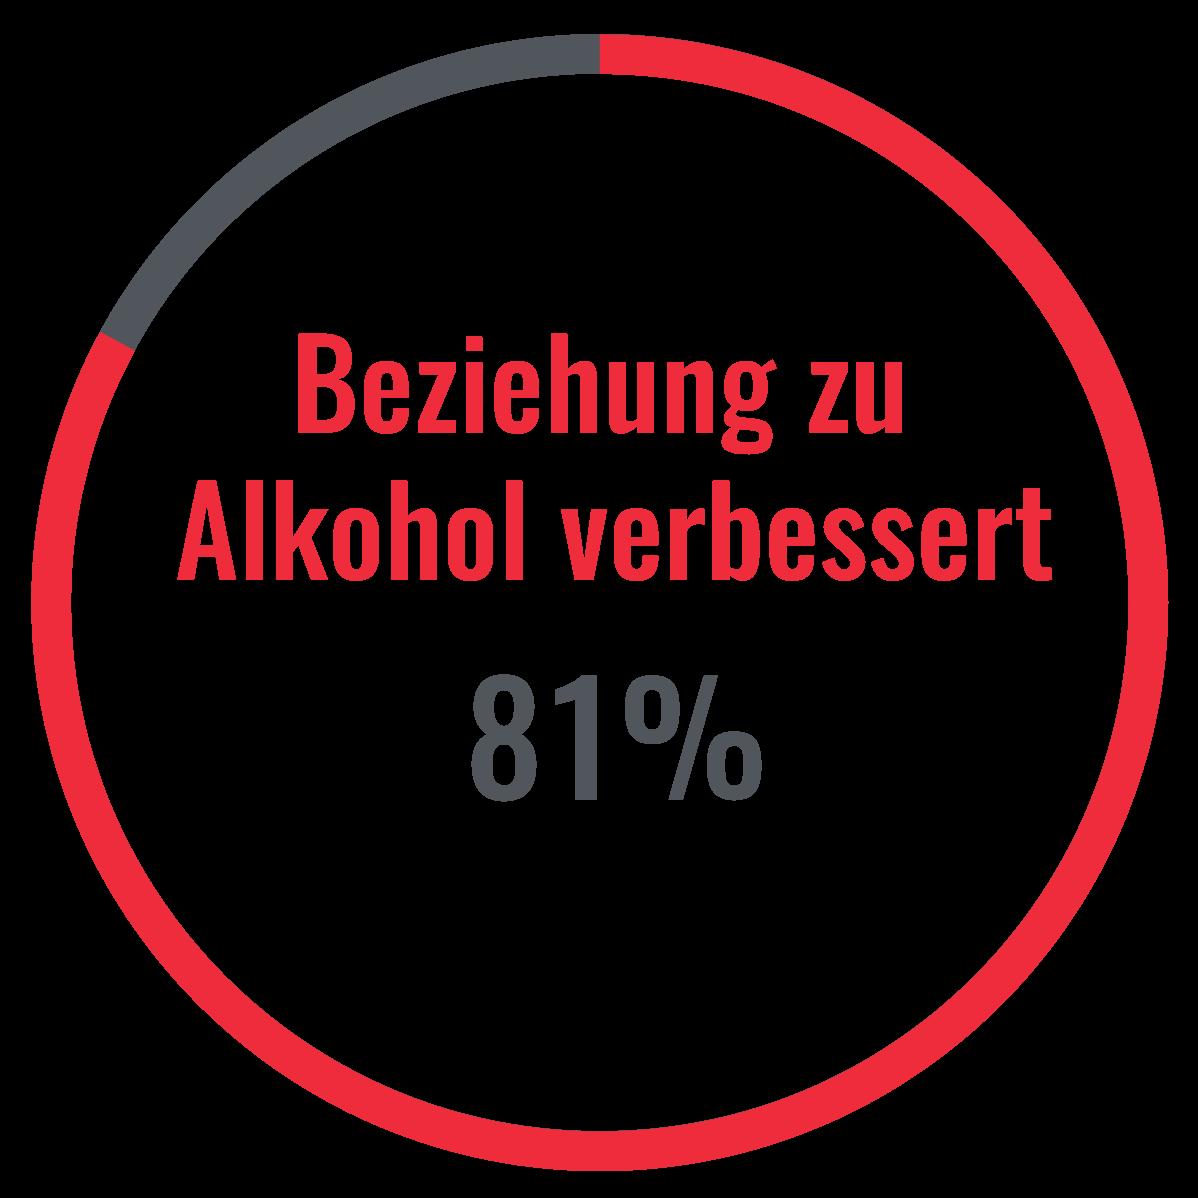 Alkohol-Pause mit Bierfreichallenge: Verbesserte Beziehung zu Alkohol durch Alkohol-Pause. Skill Bar, Grafik